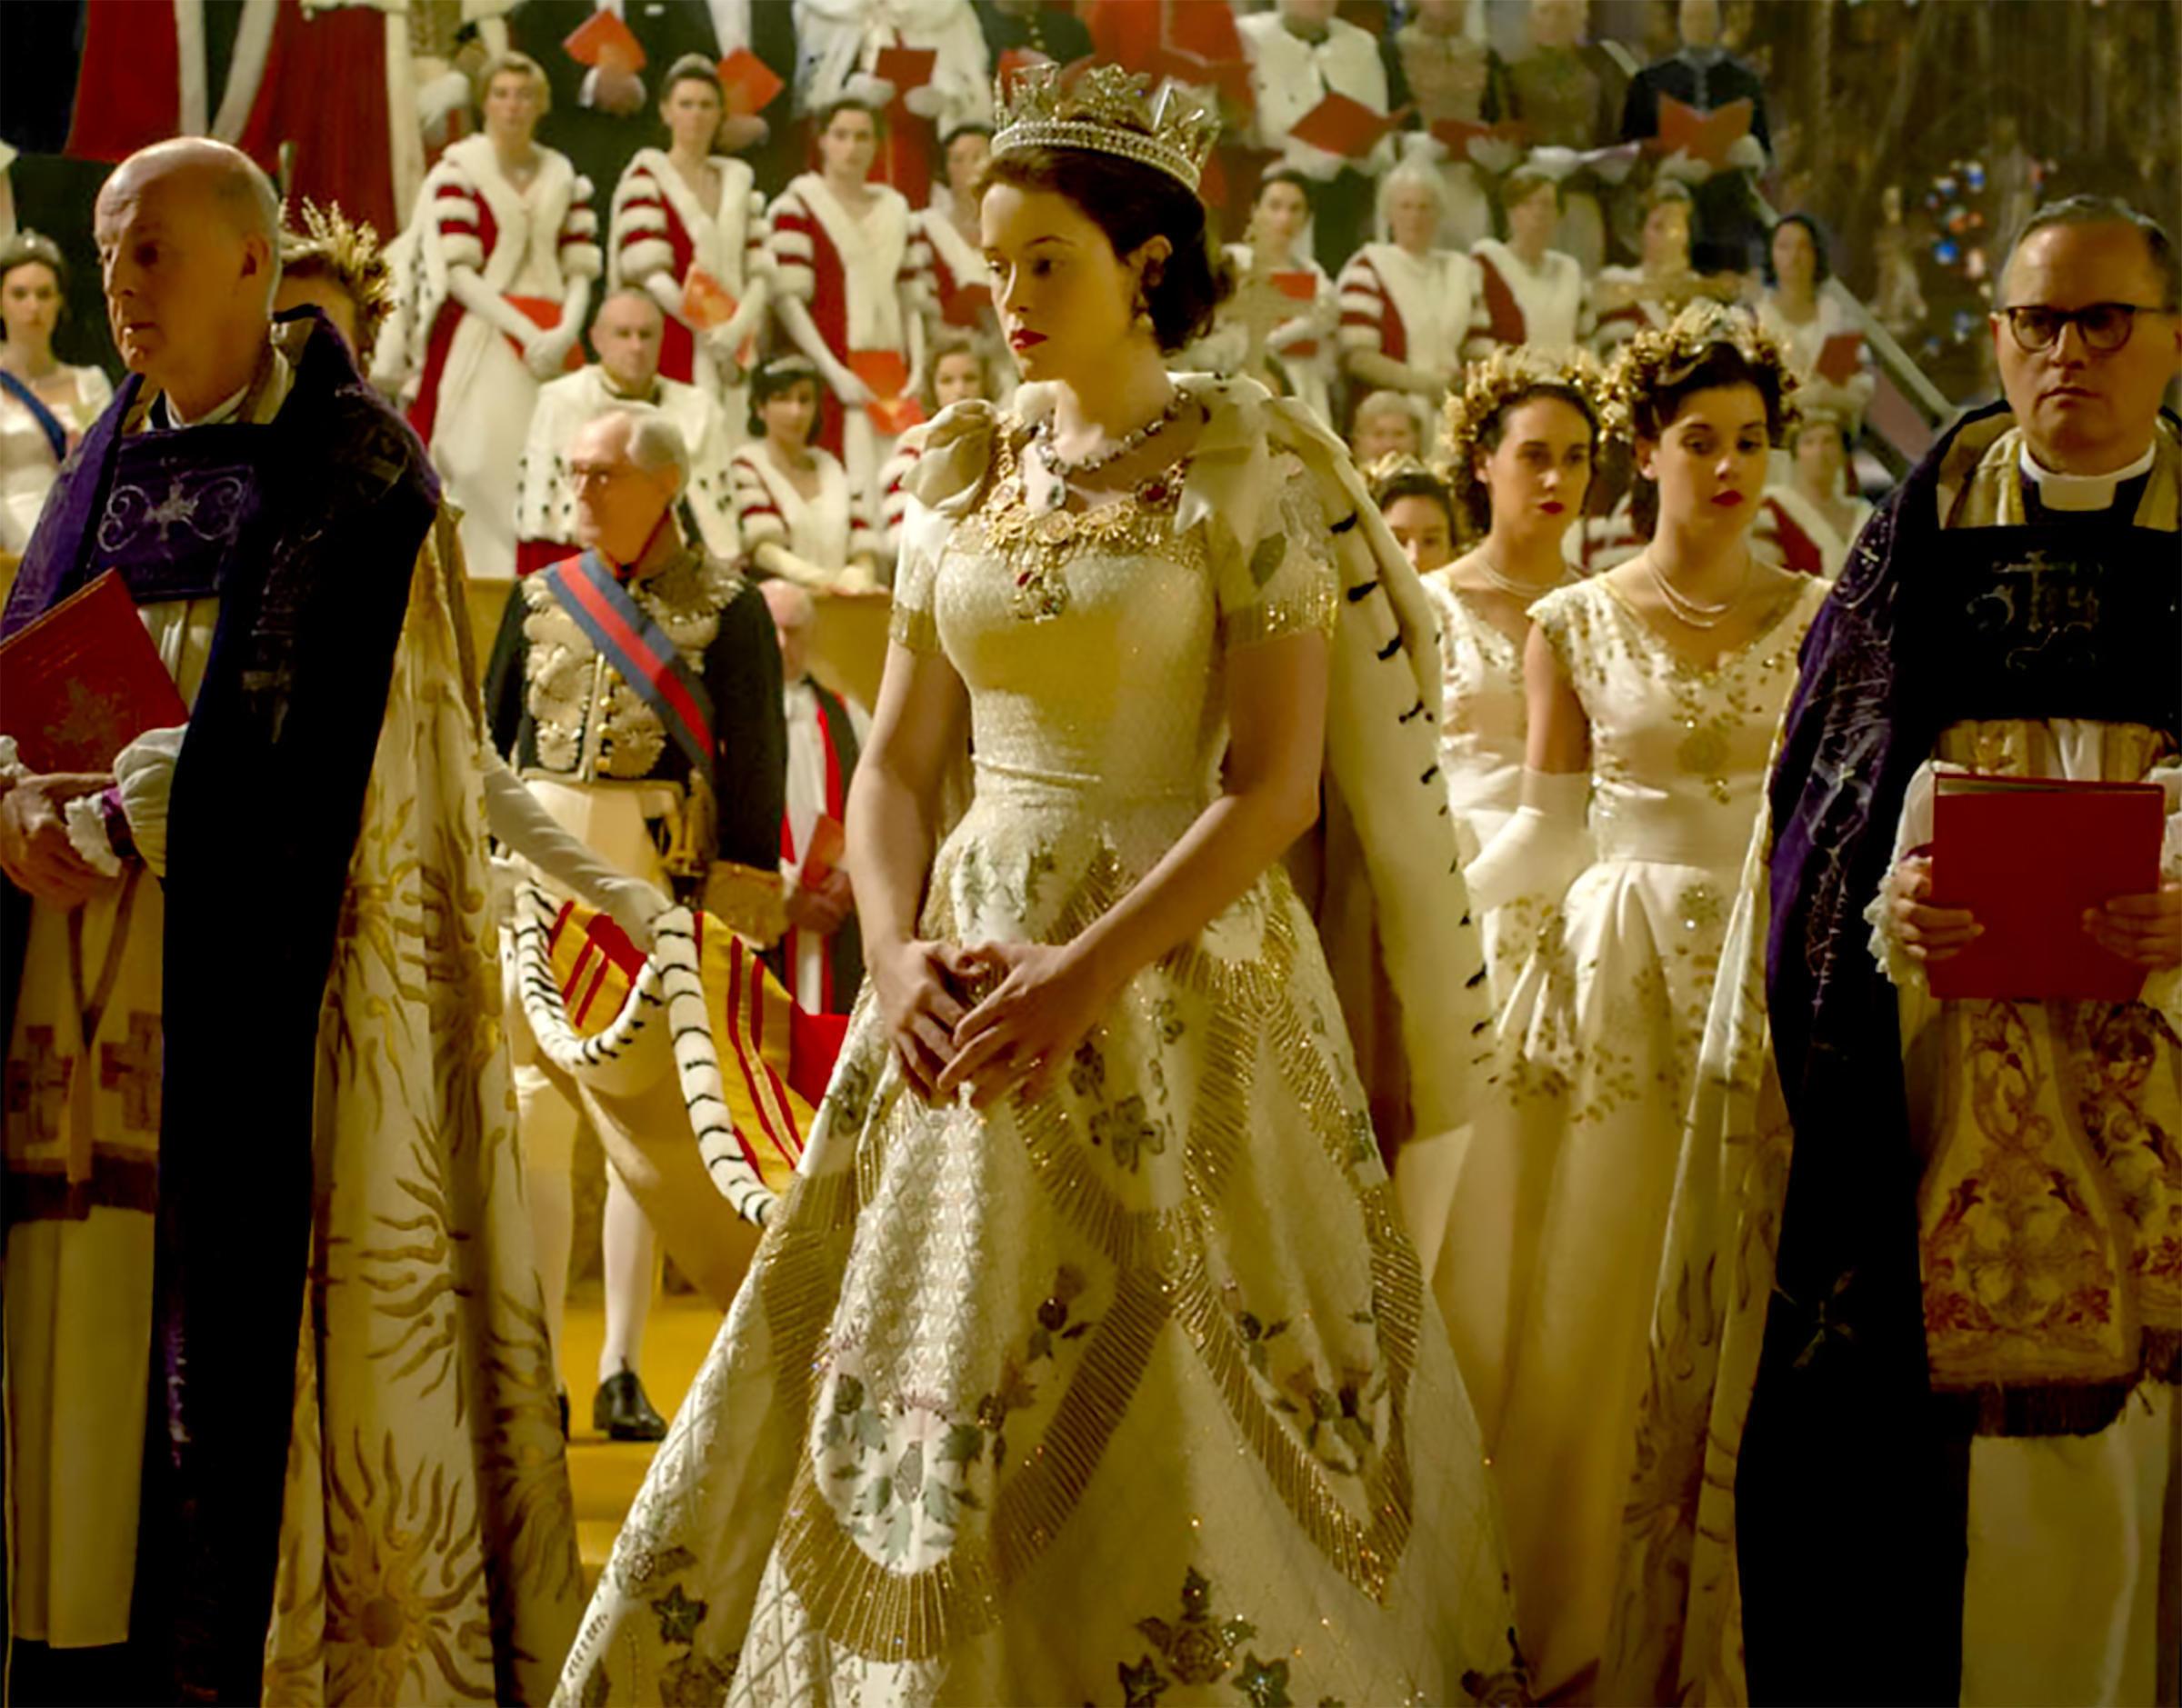 Queen Elizabeth in a gown